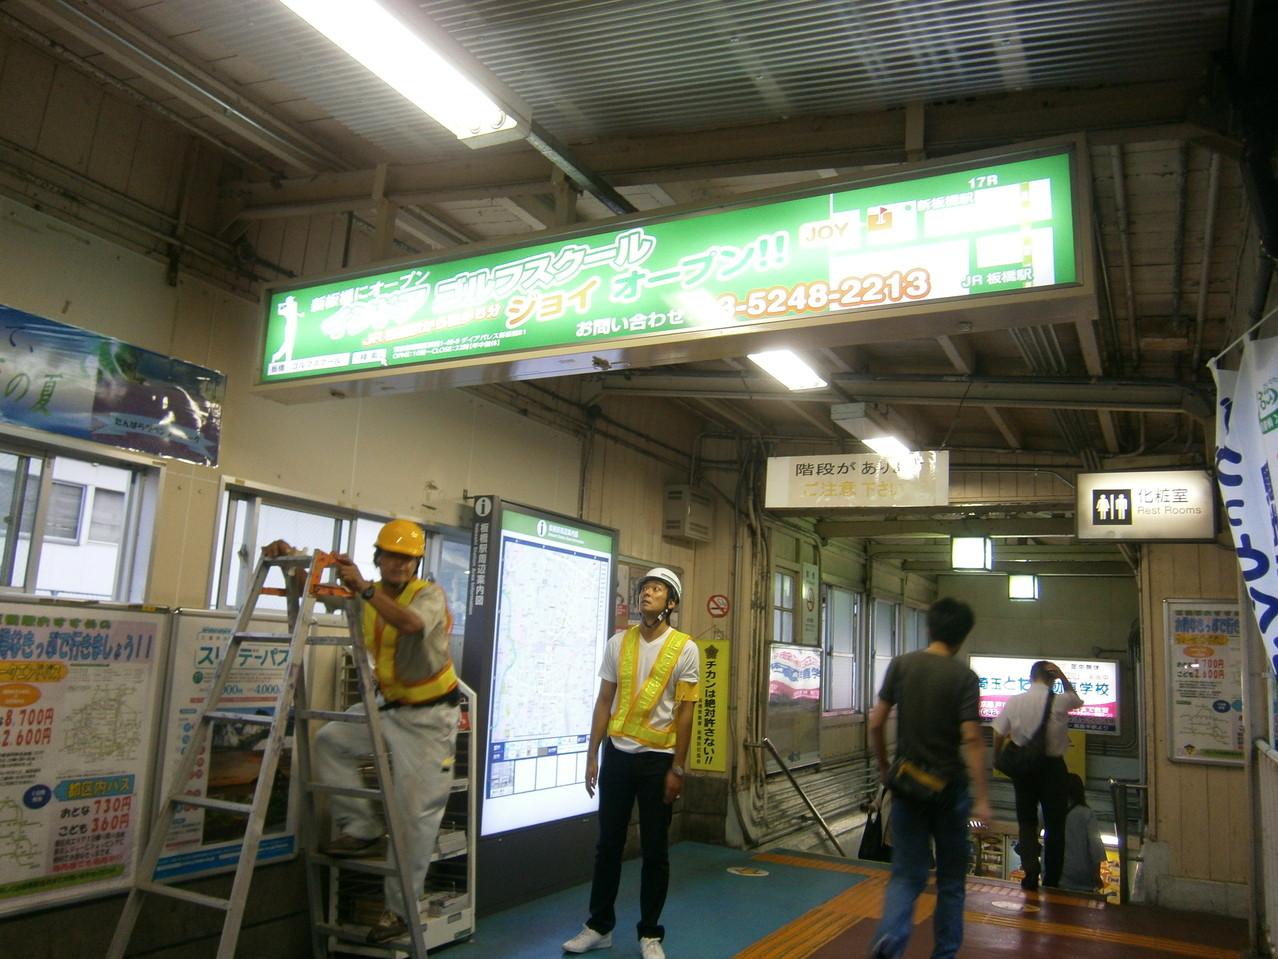 駅構内天吊広告看板